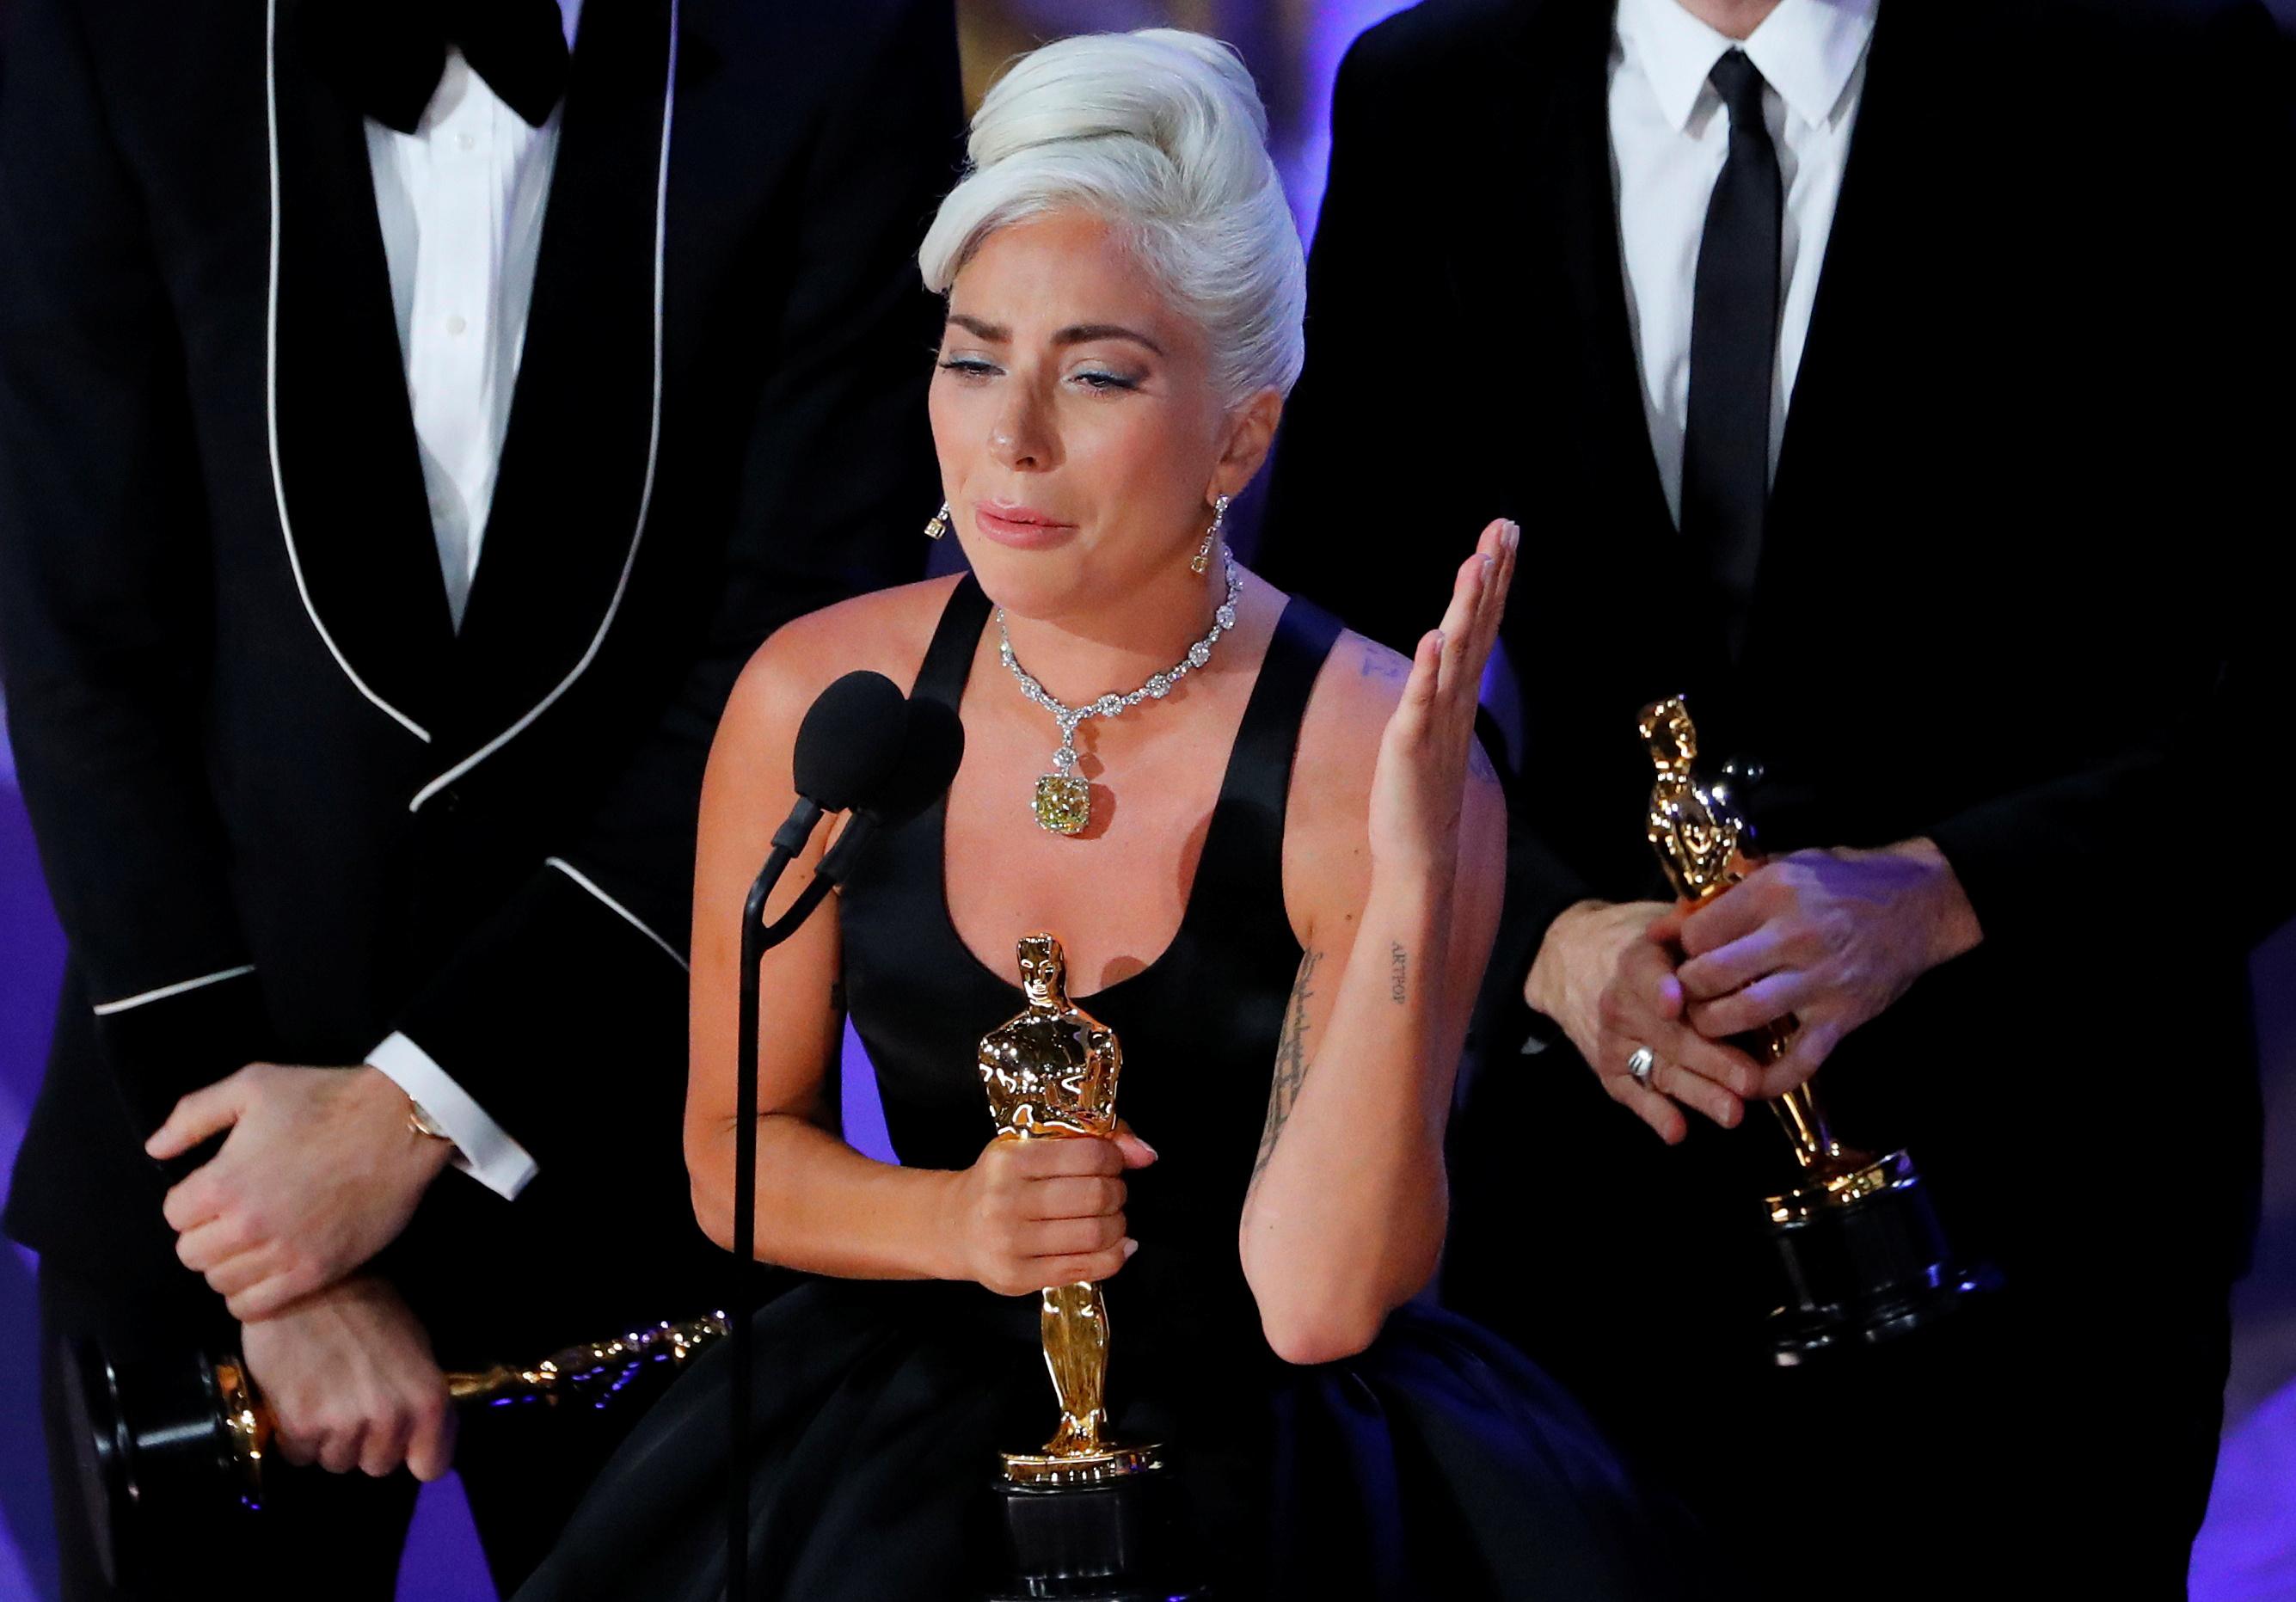 """ليدي غاغا فازت بجائزة الأوسكار لأفضل أغنية، عن أغنية """"Shallow"""" من فيلم """"A Star Is Born"""""""